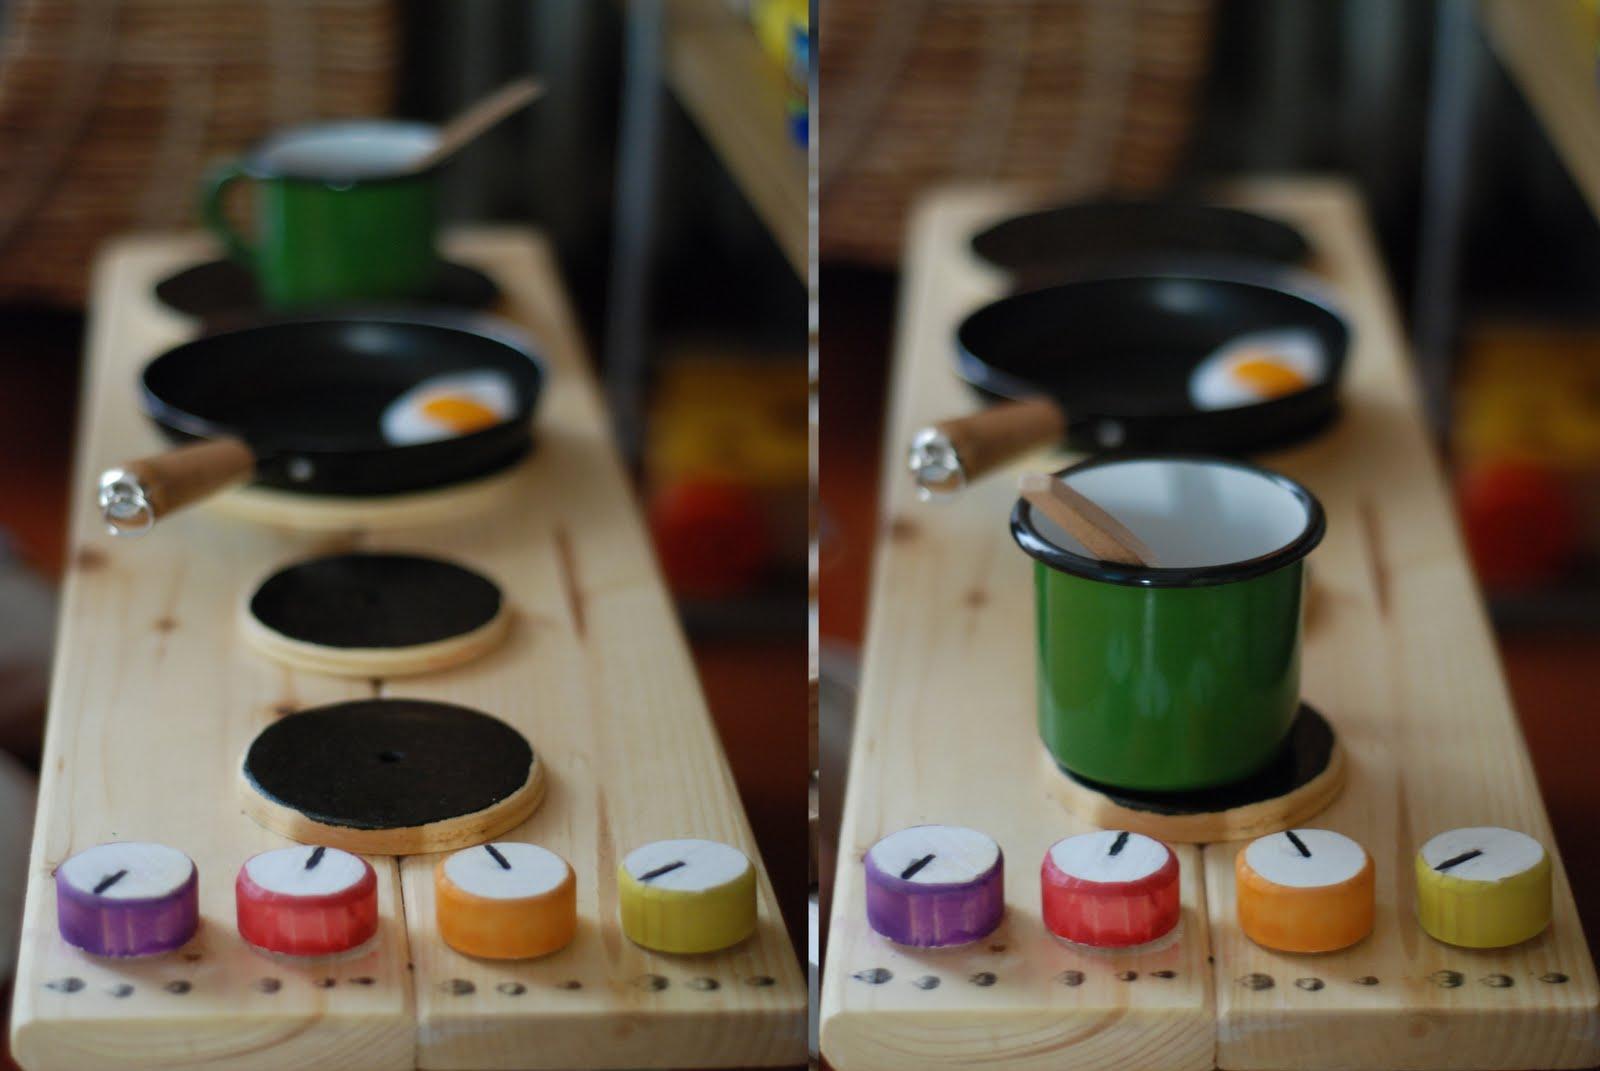 Cucine Giocattolo In Legno Usate.Il Giardino Segreto Giocattoli Fatti In Casa 2